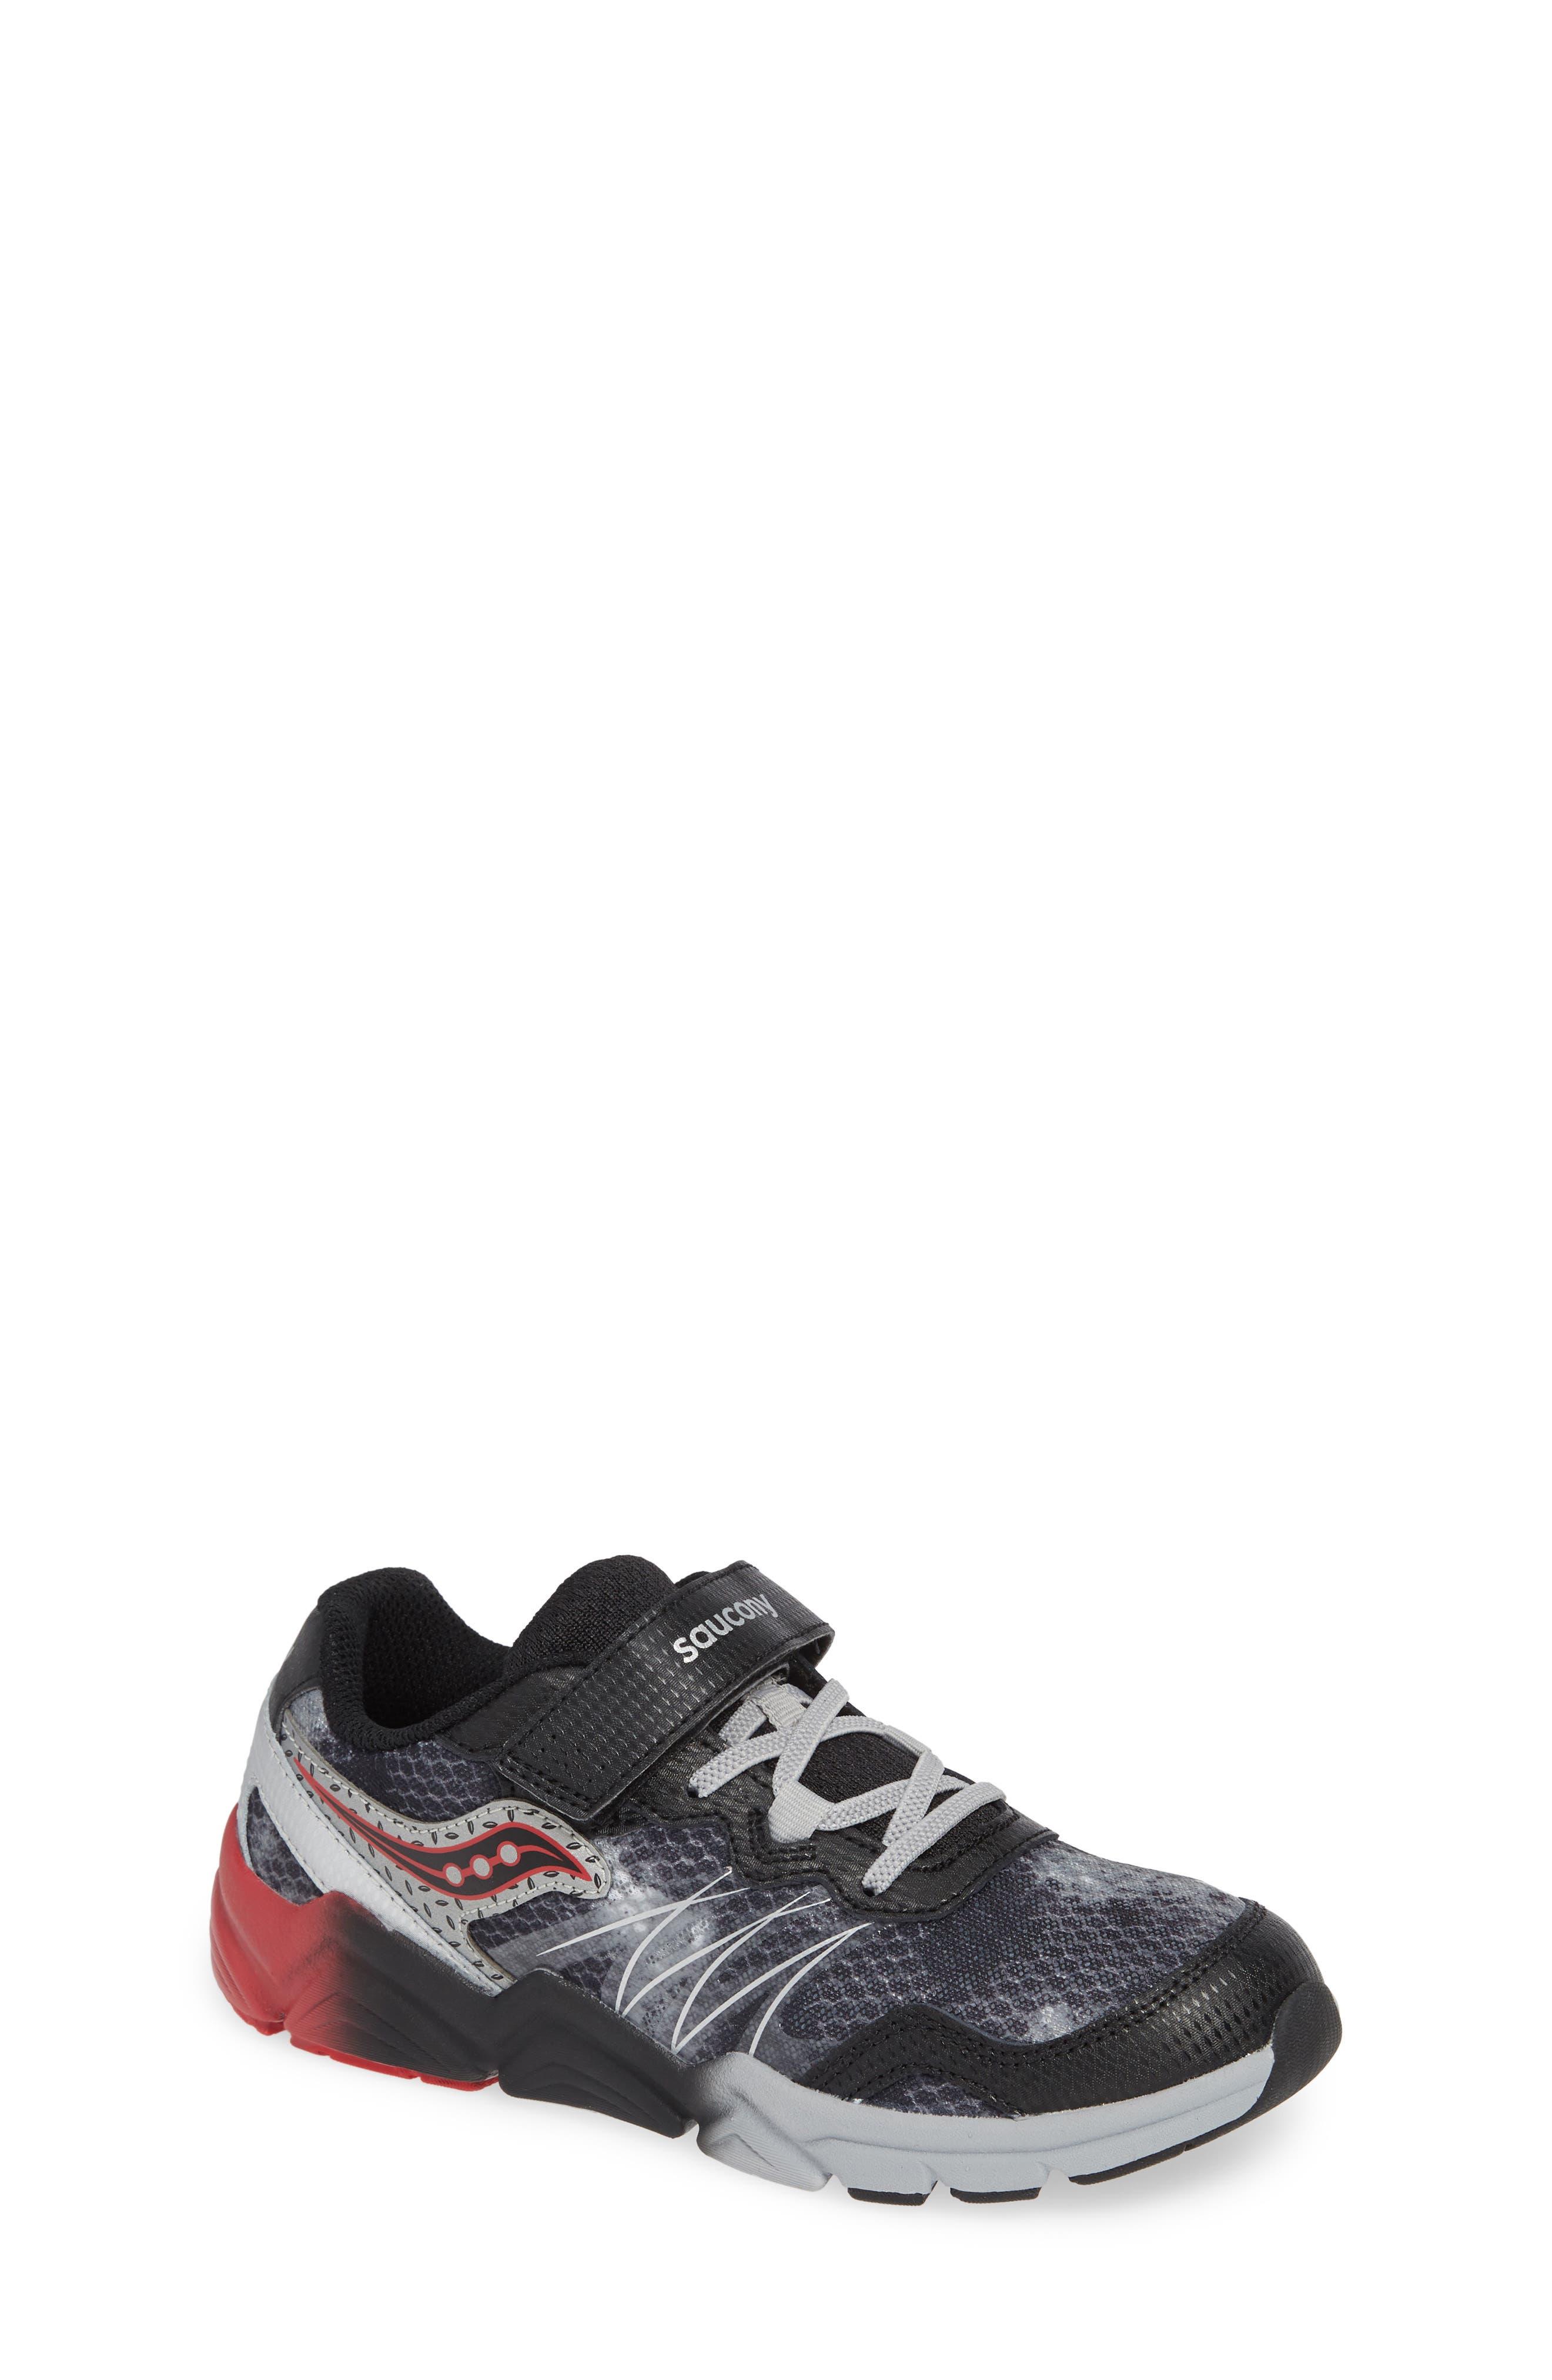 Kotaro Flash Sneaker,                             Main thumbnail 1, color,                             BLACK LEATHER/ MESH